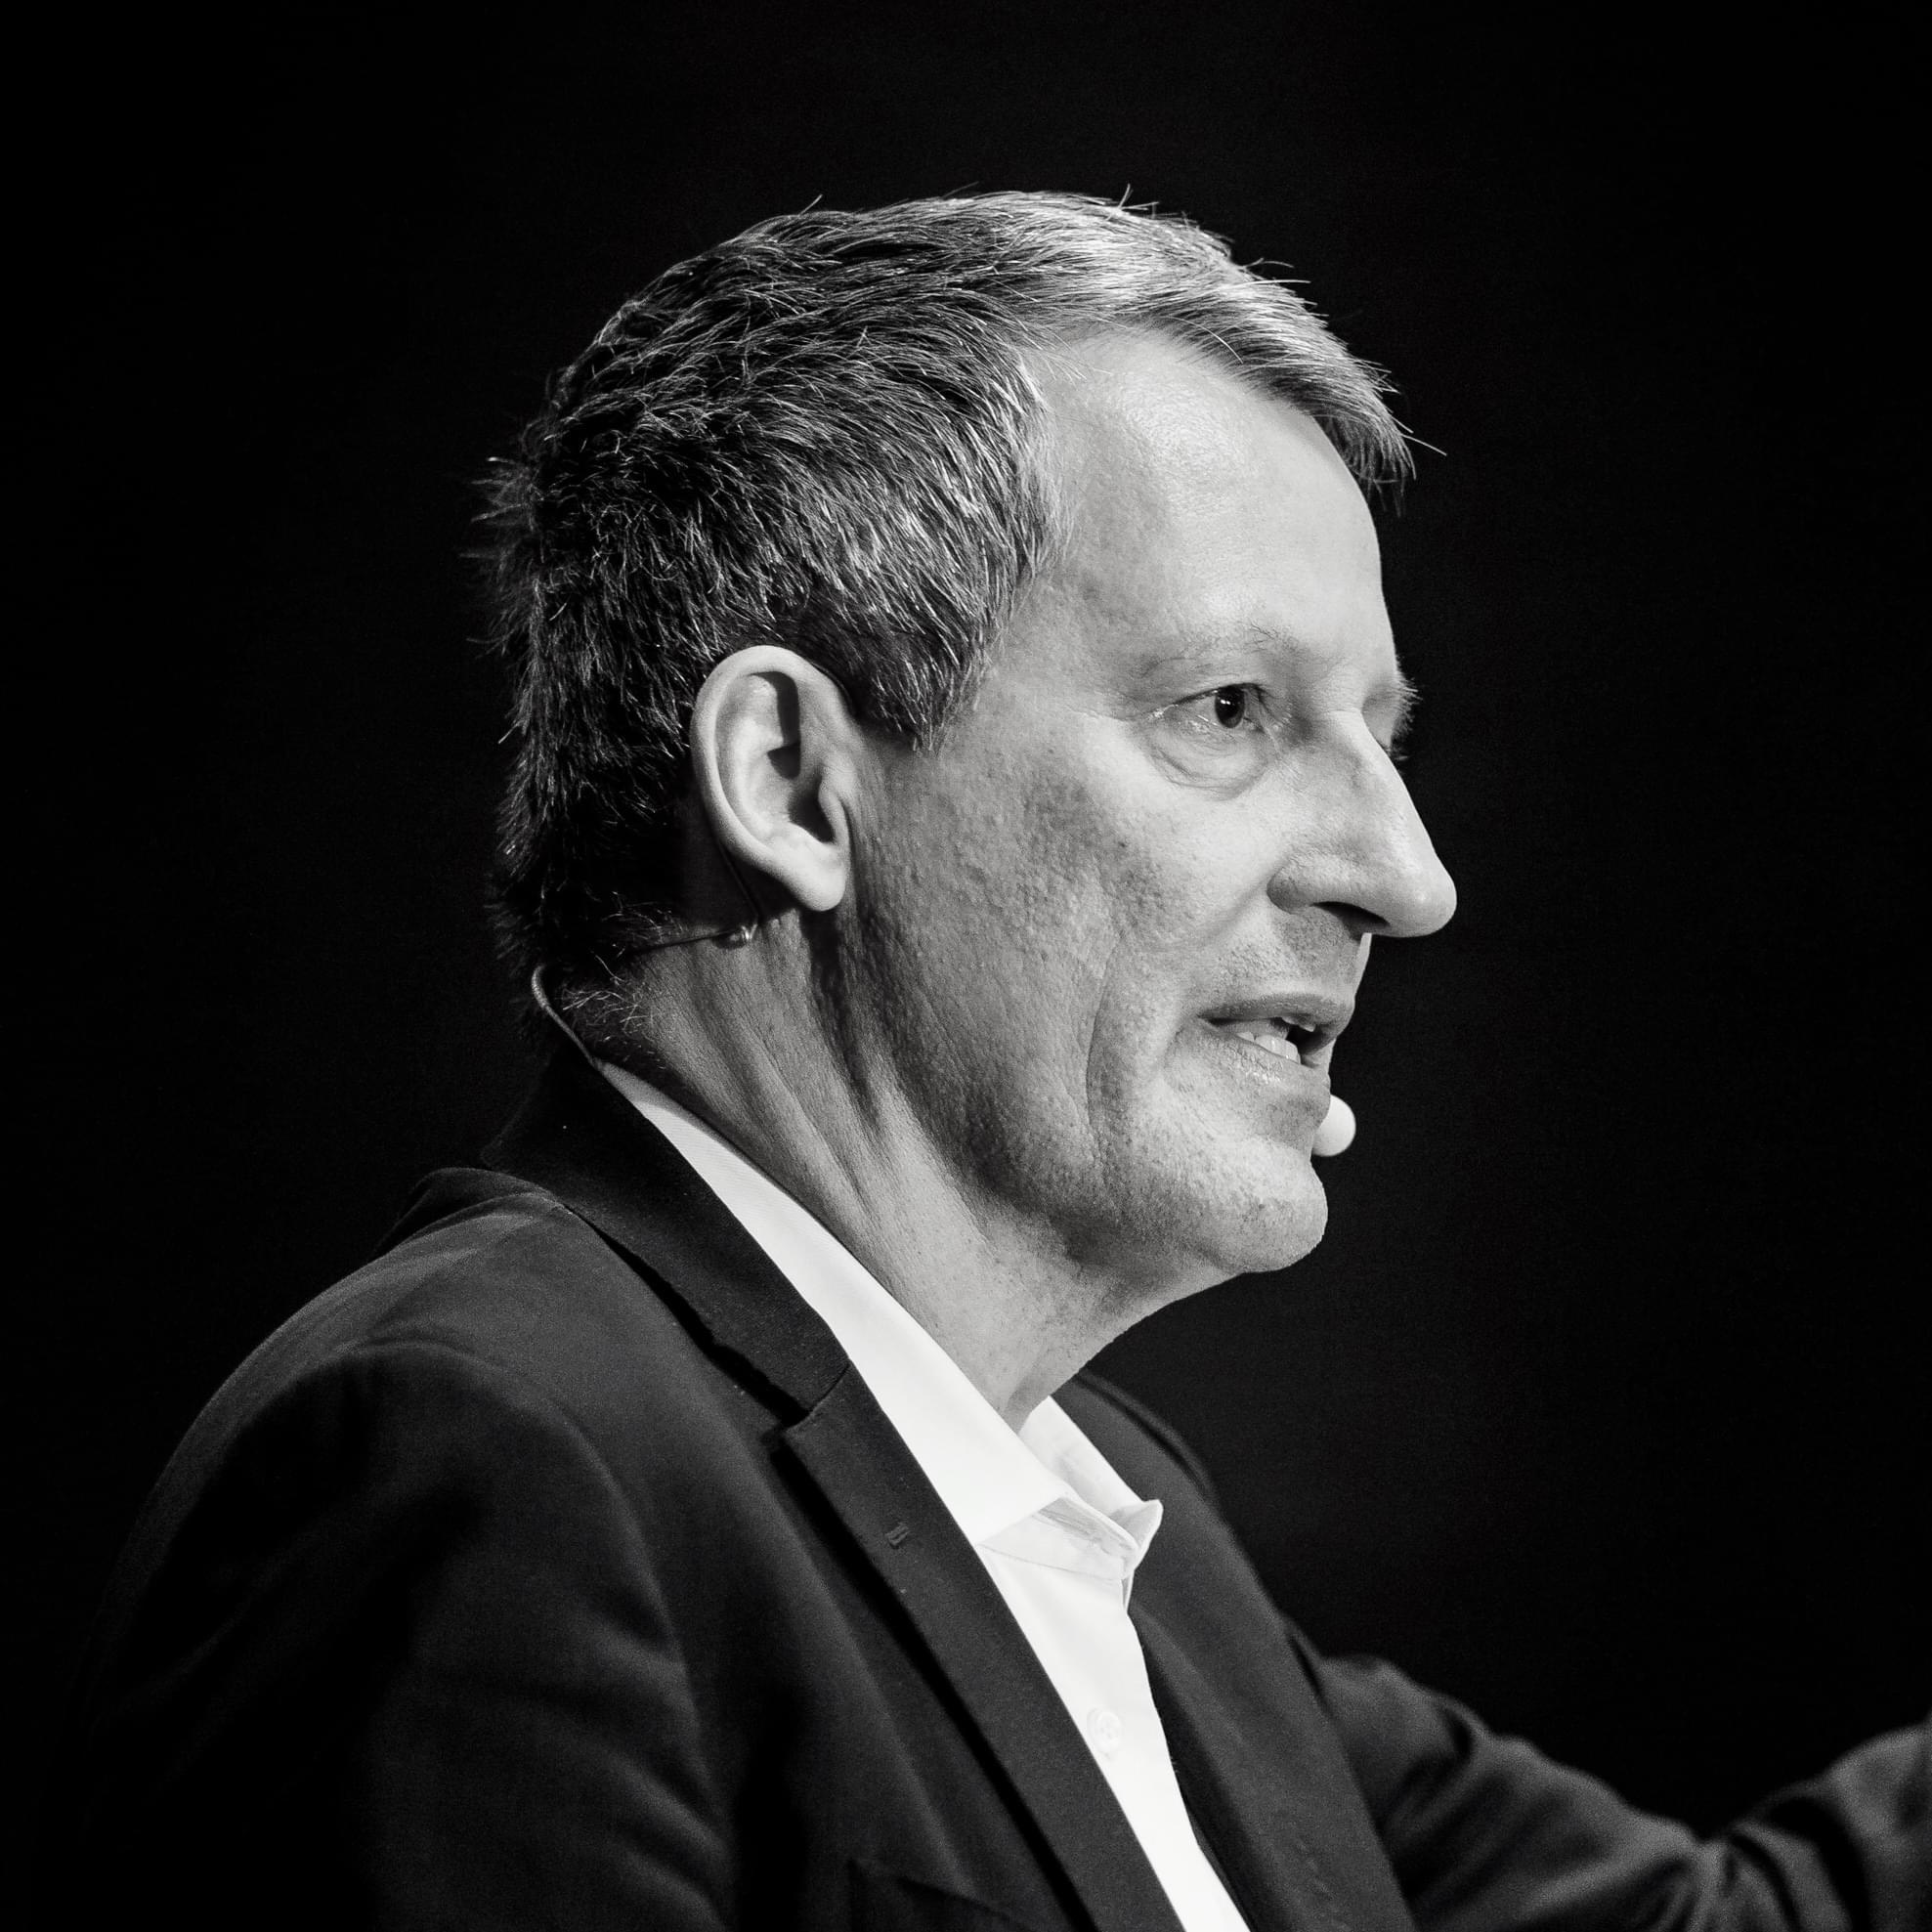 Martin von Hirschhausen